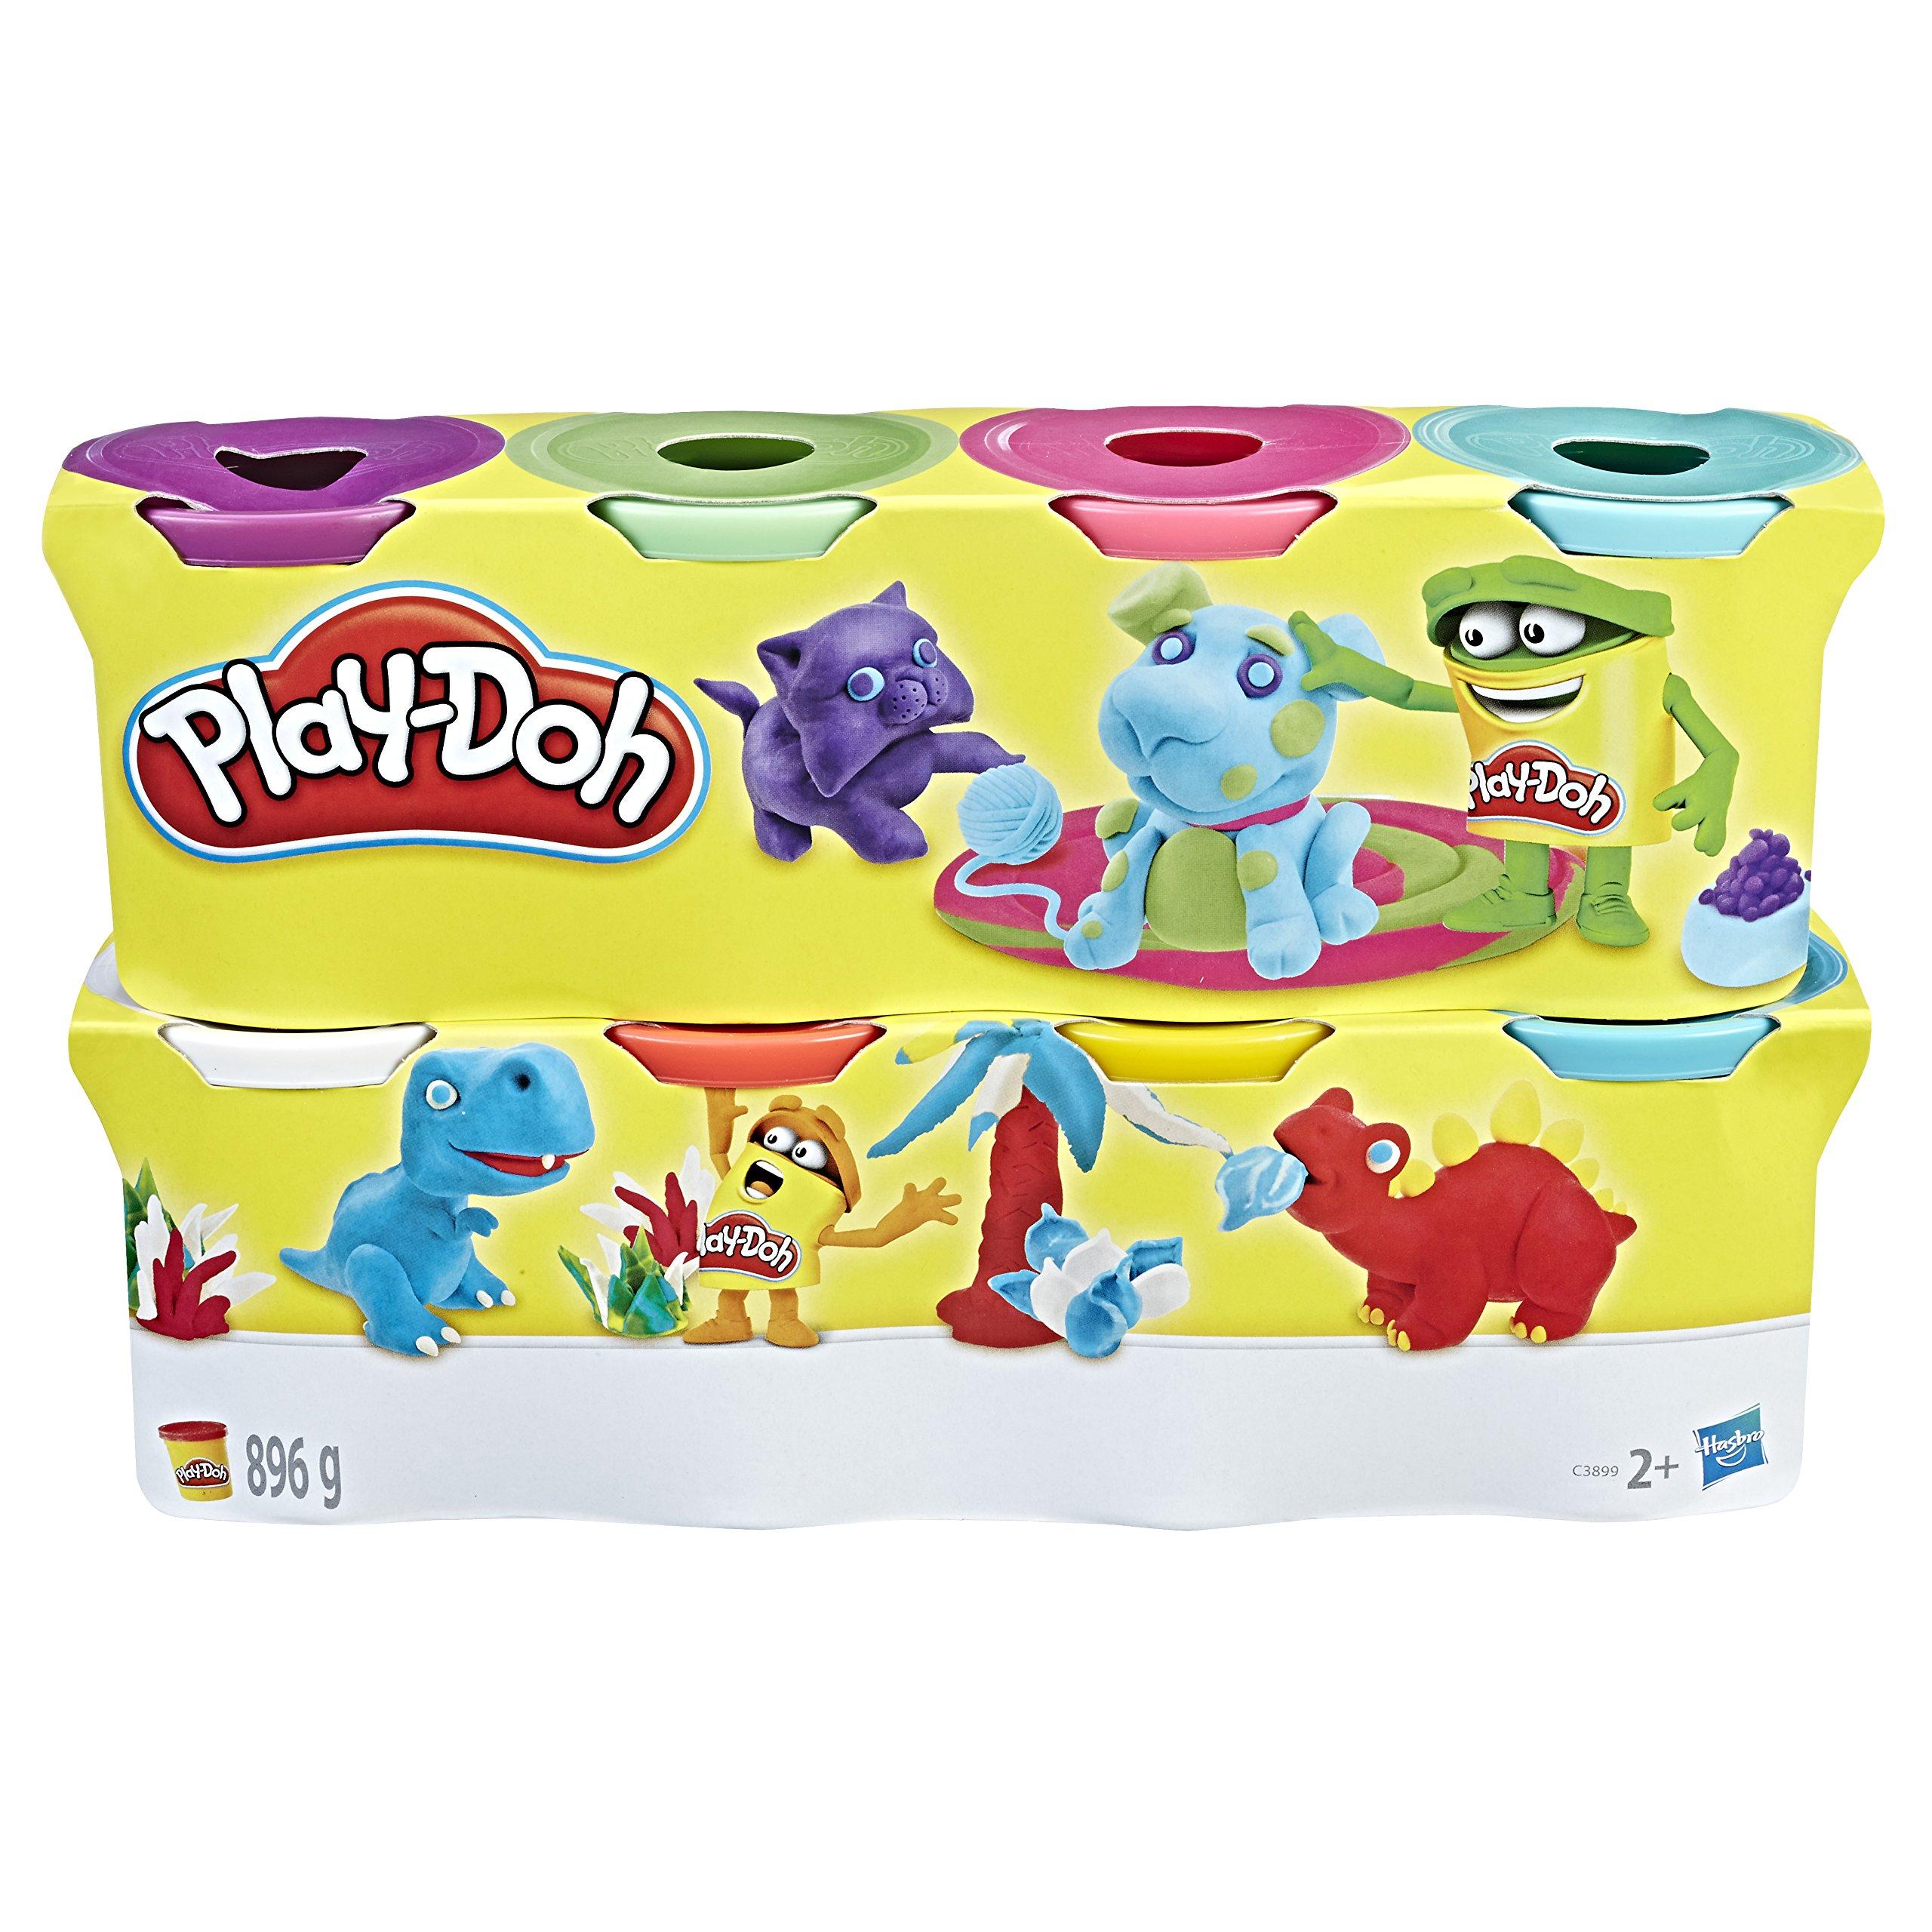 Play-Doh - C3899EU40 - Pâte à Modeler - 8 Pots product image